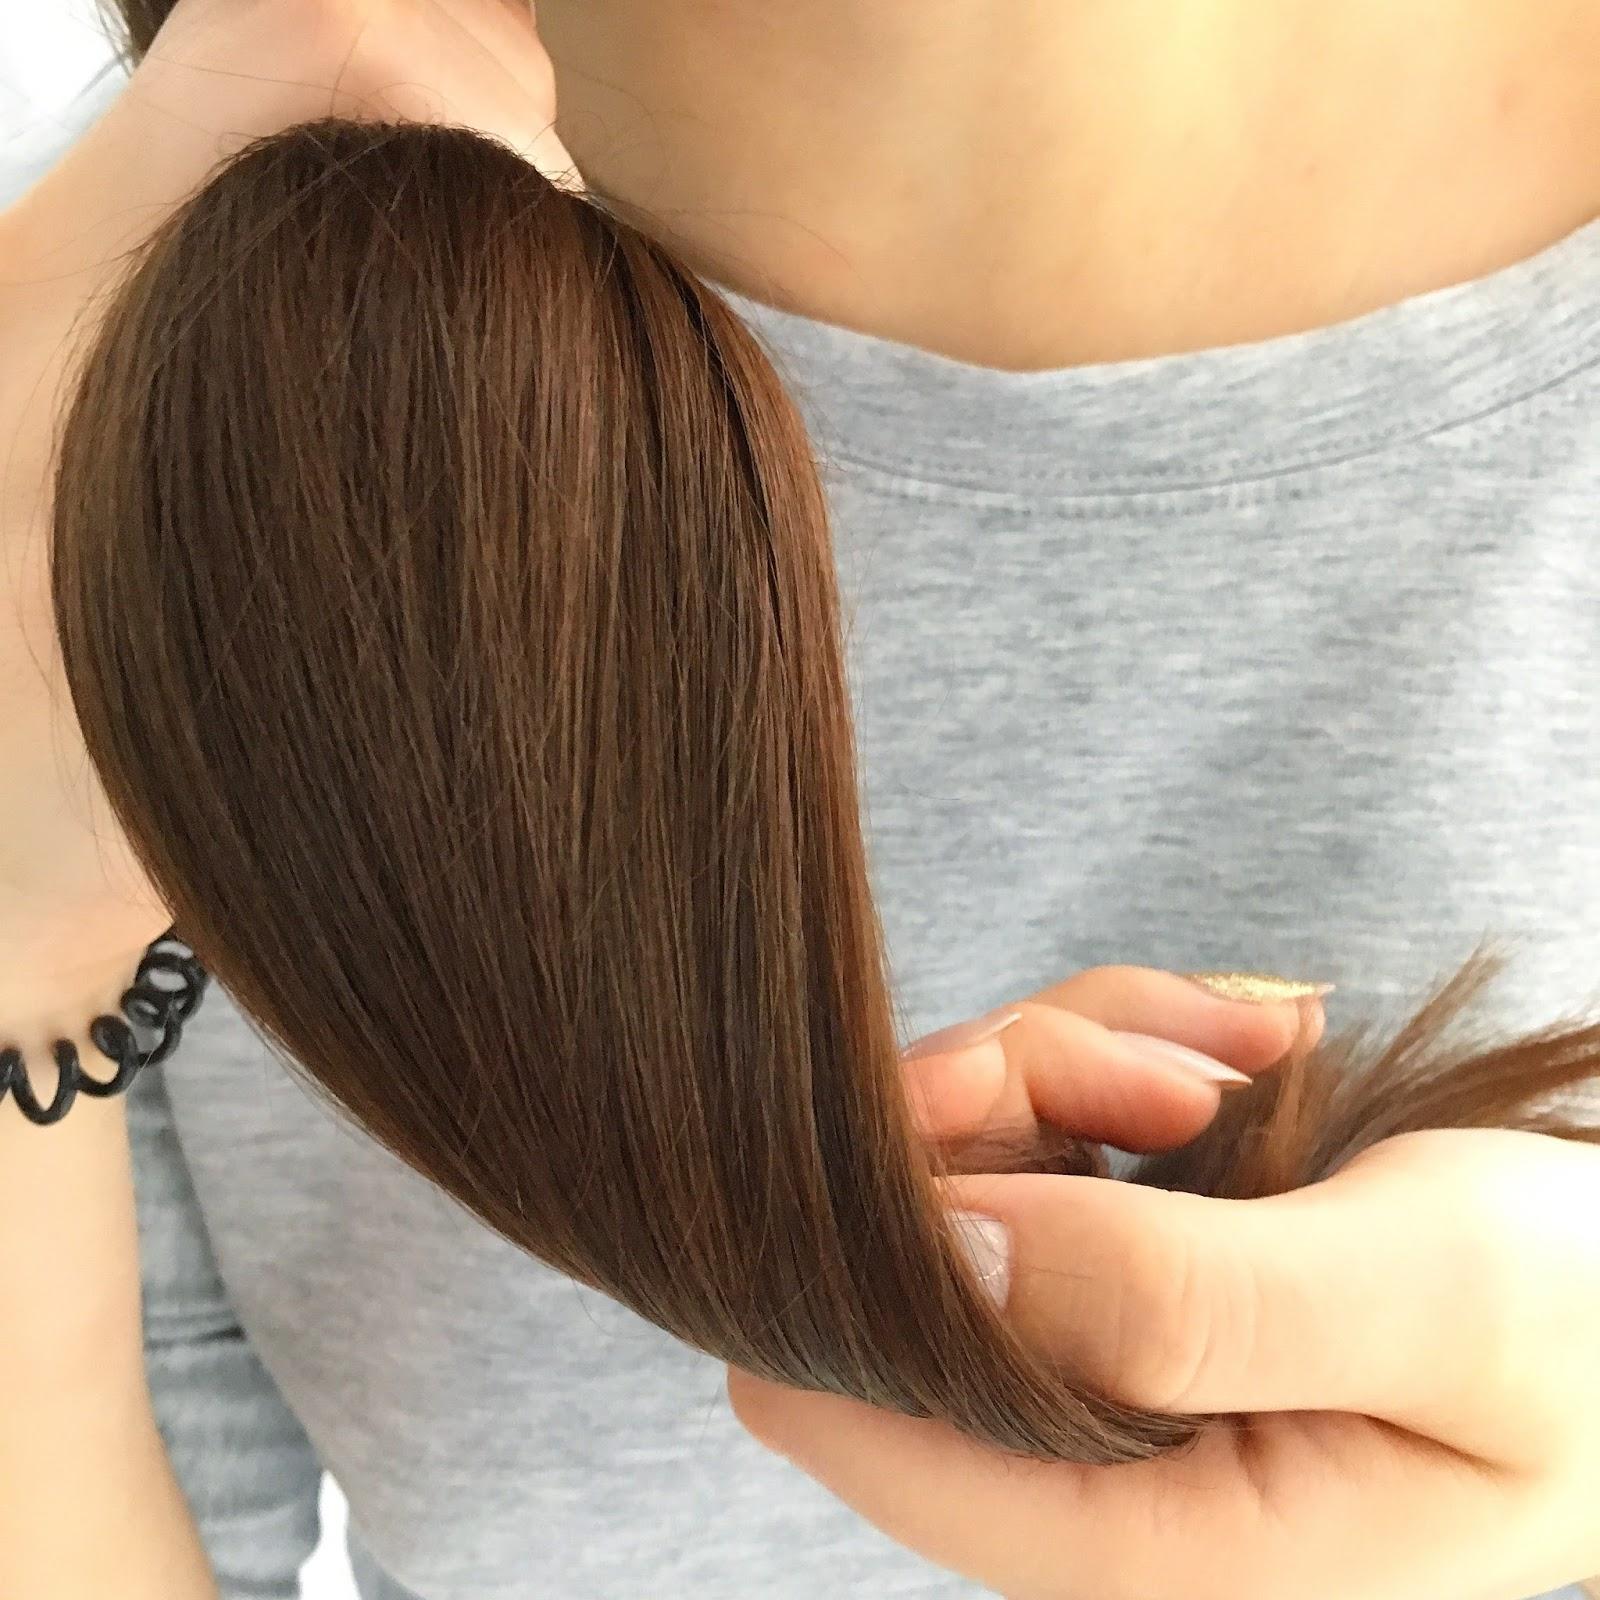 Podcinanie włosów maszynką, henna bezbarwna i inne poczynania na moich włosach